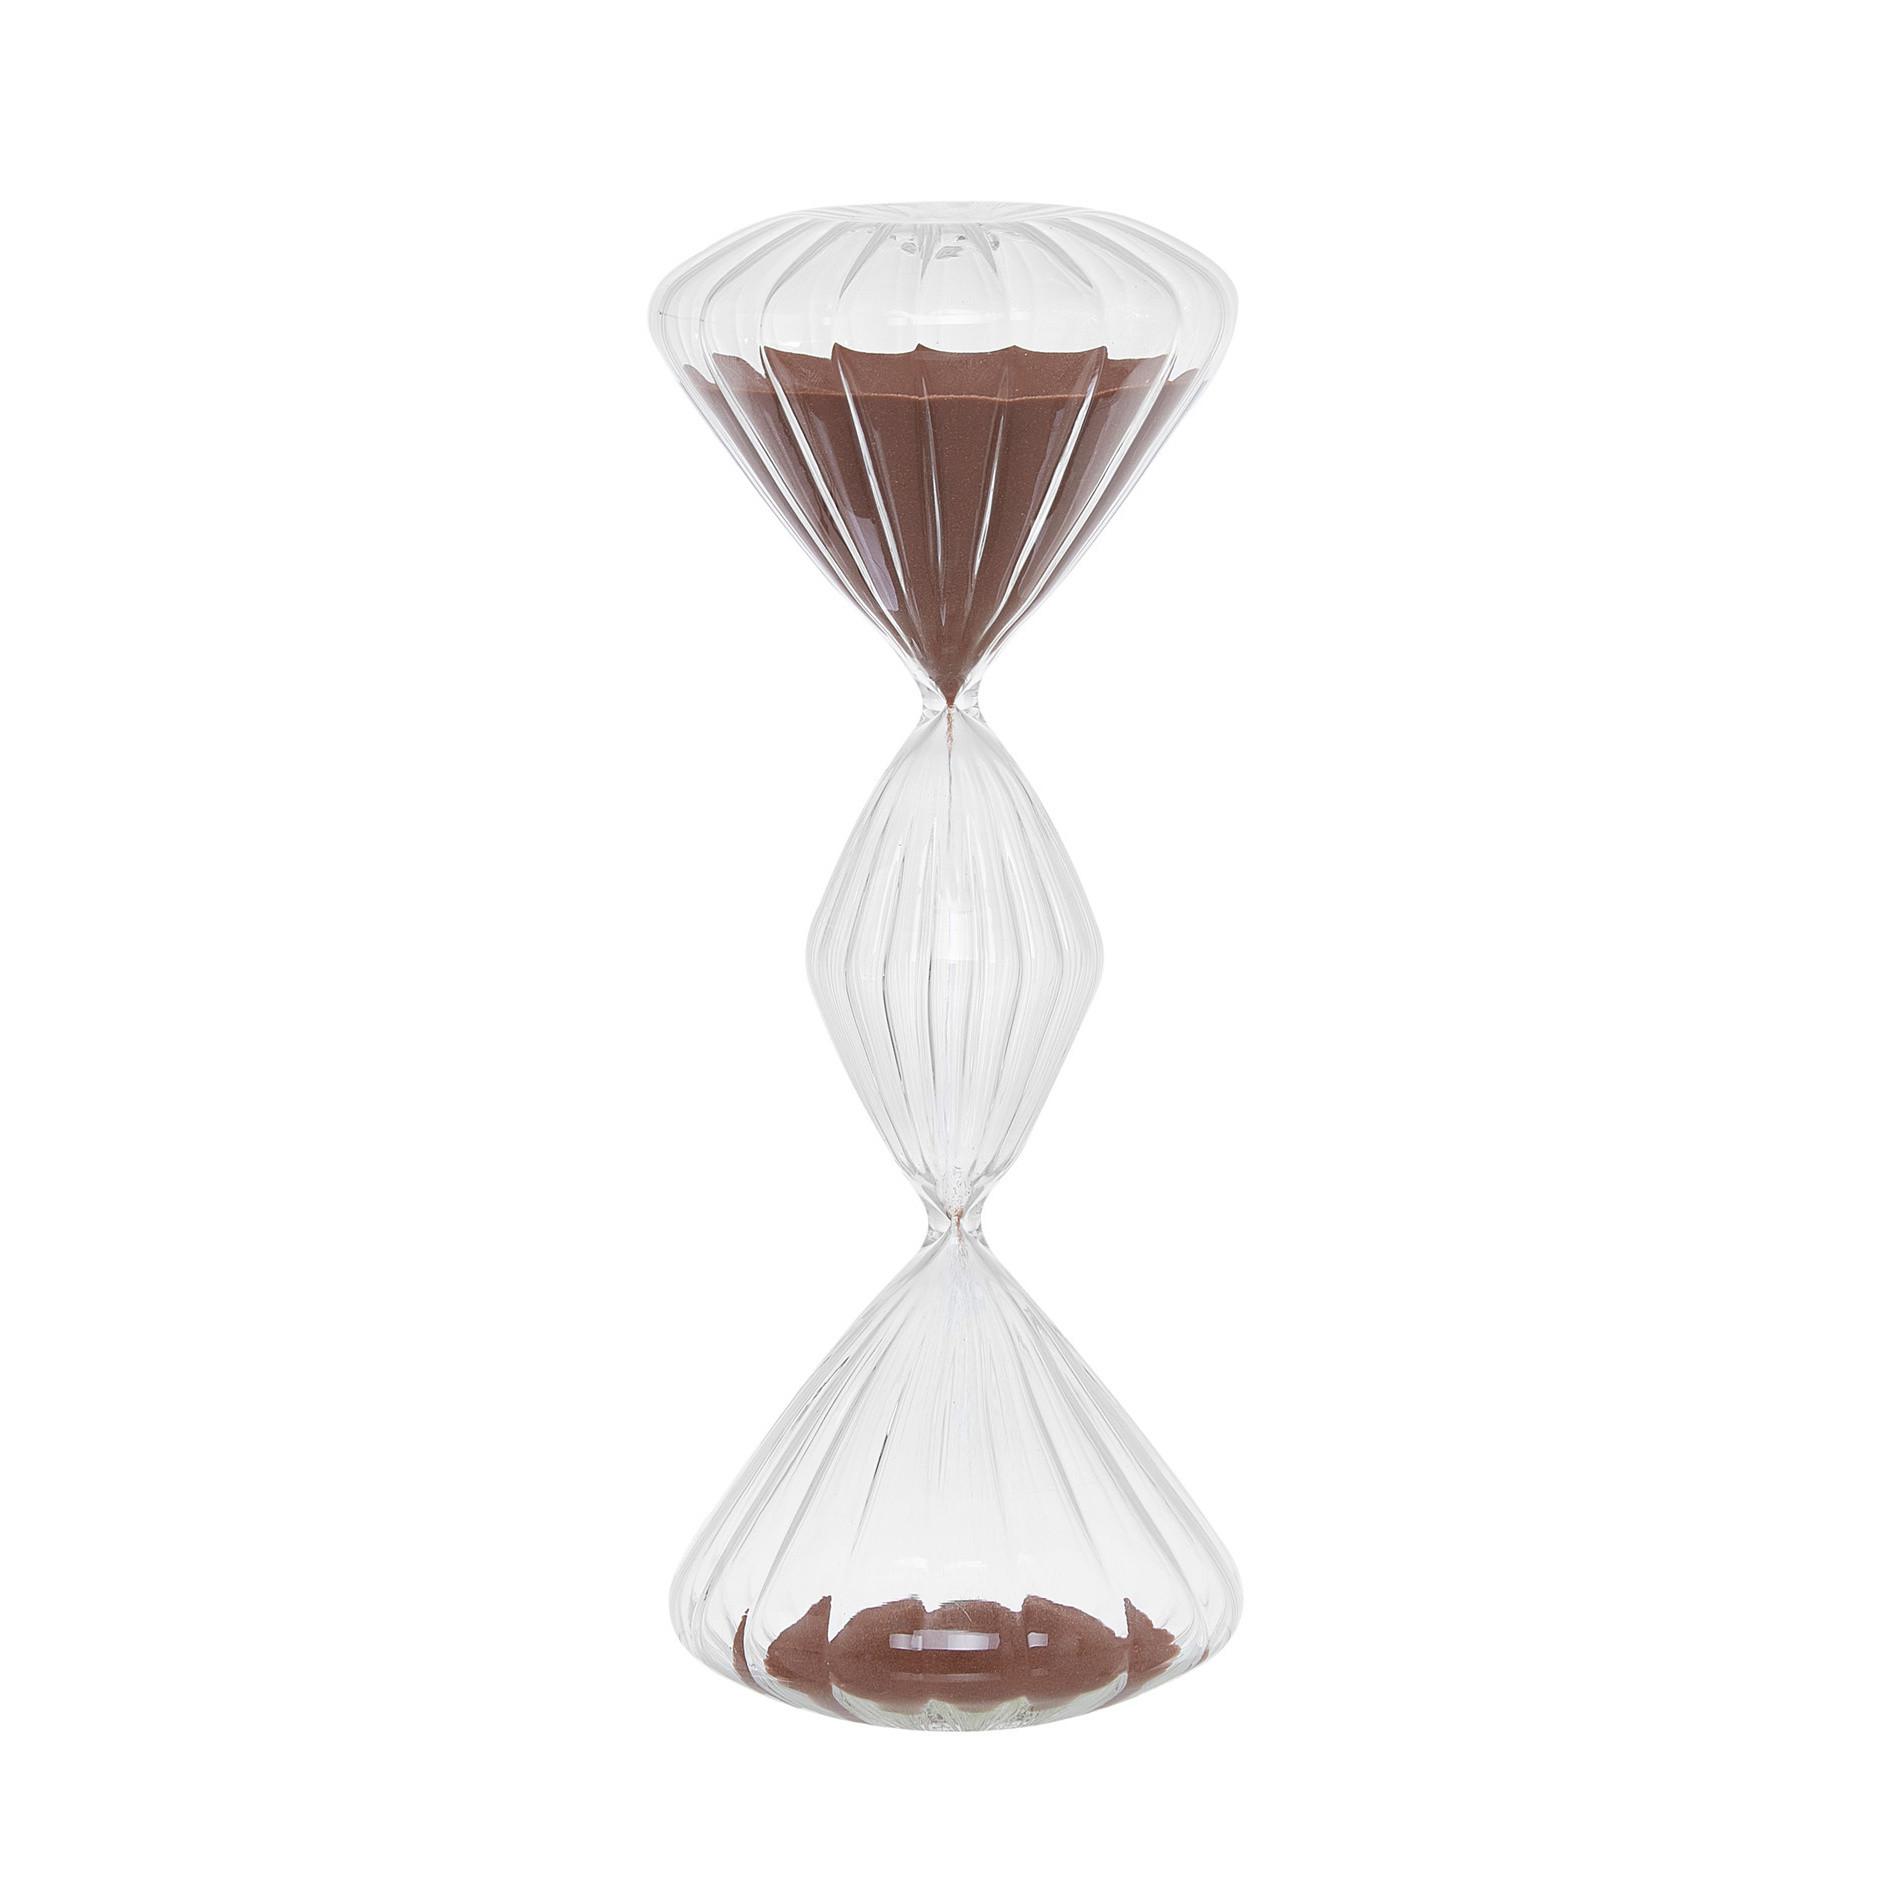 Clessidra vetro con sabbia colorata, Trasparente, large image number 0